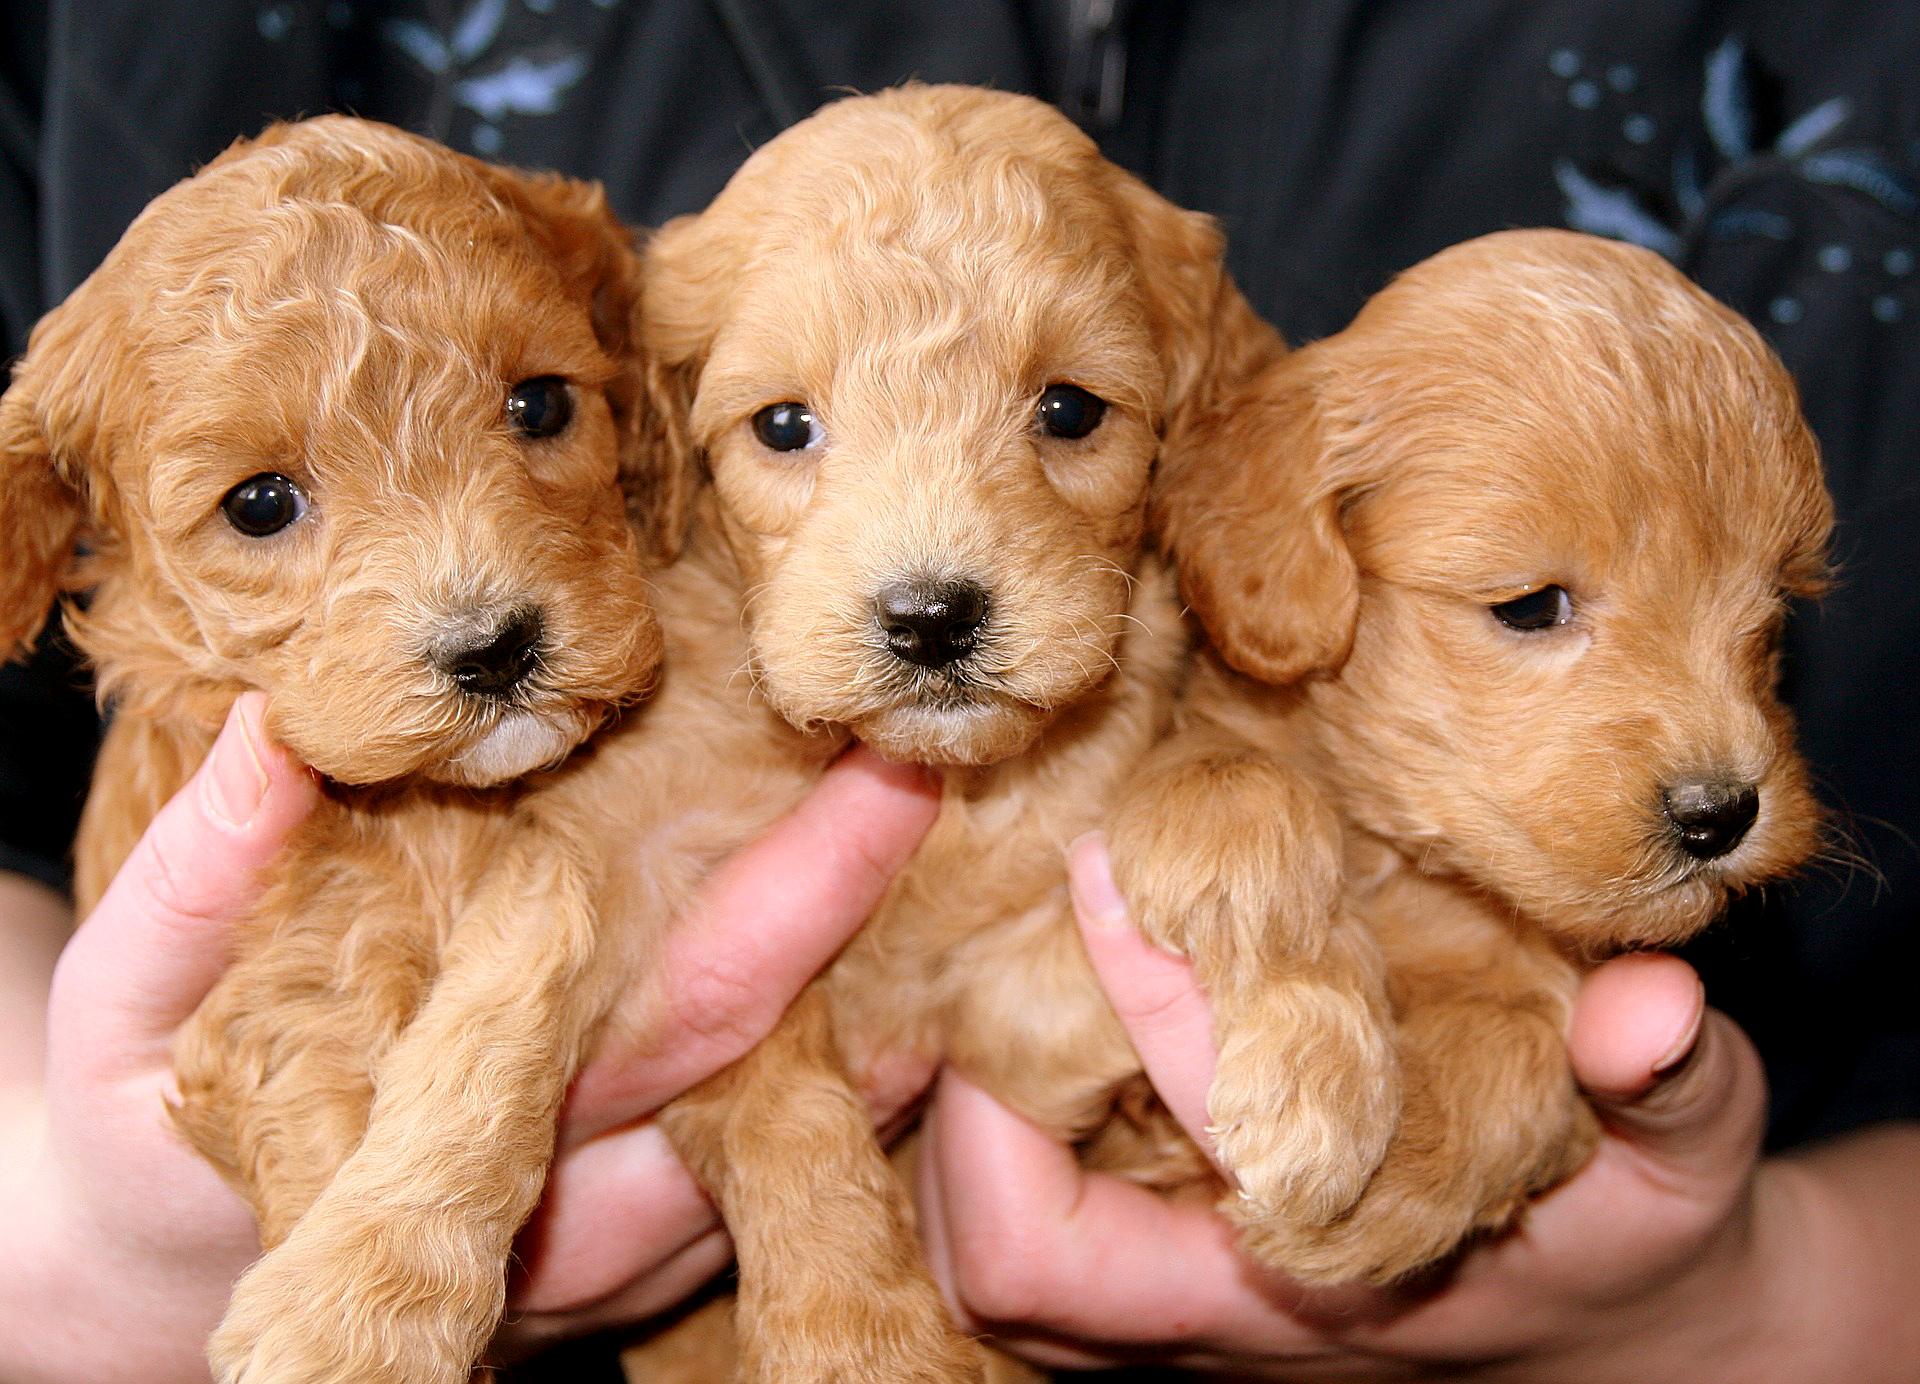 Kolme pientä koiranpentua ihmisen sylissä.